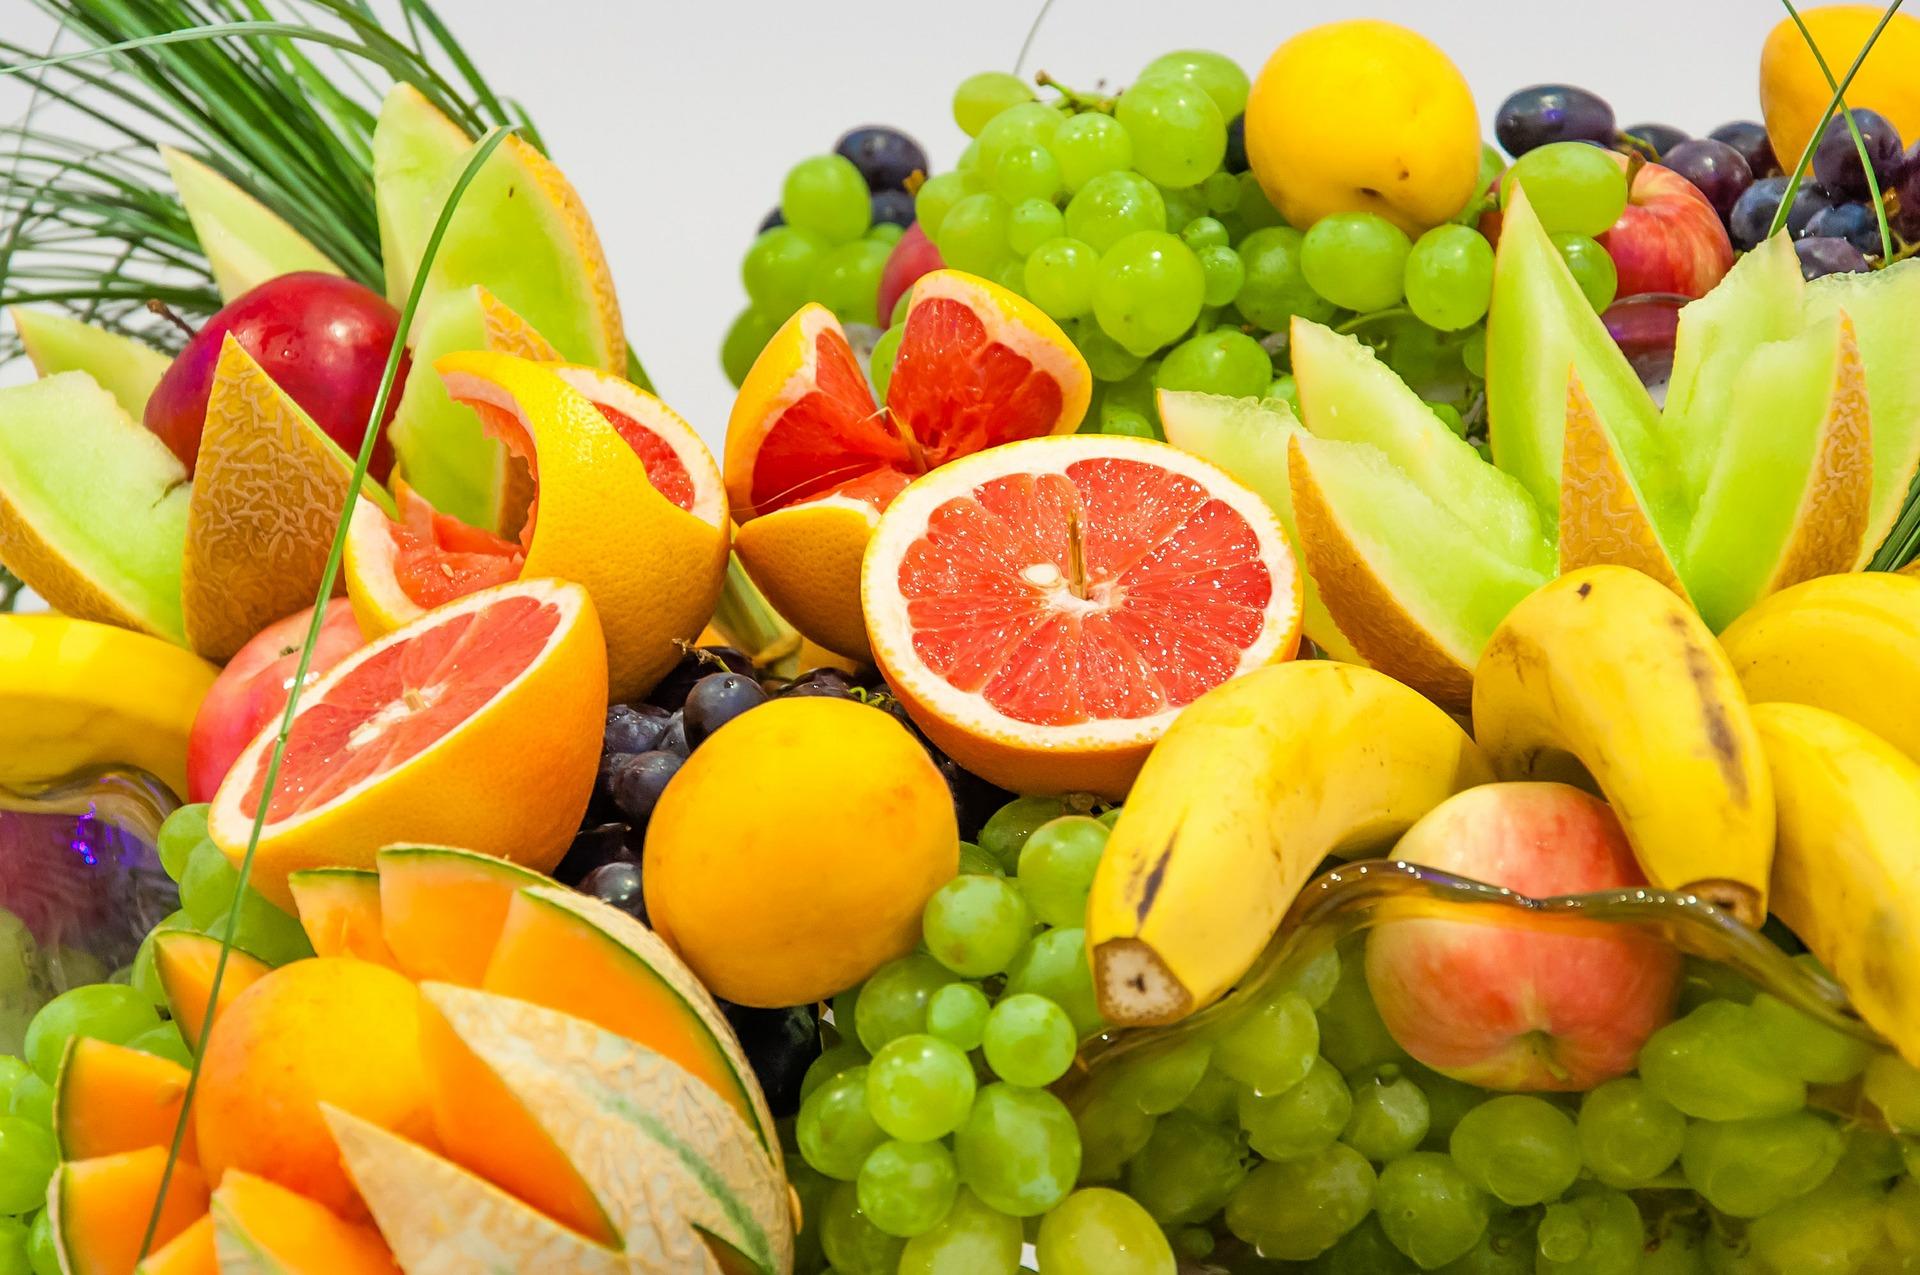 Økologisk frugtordning